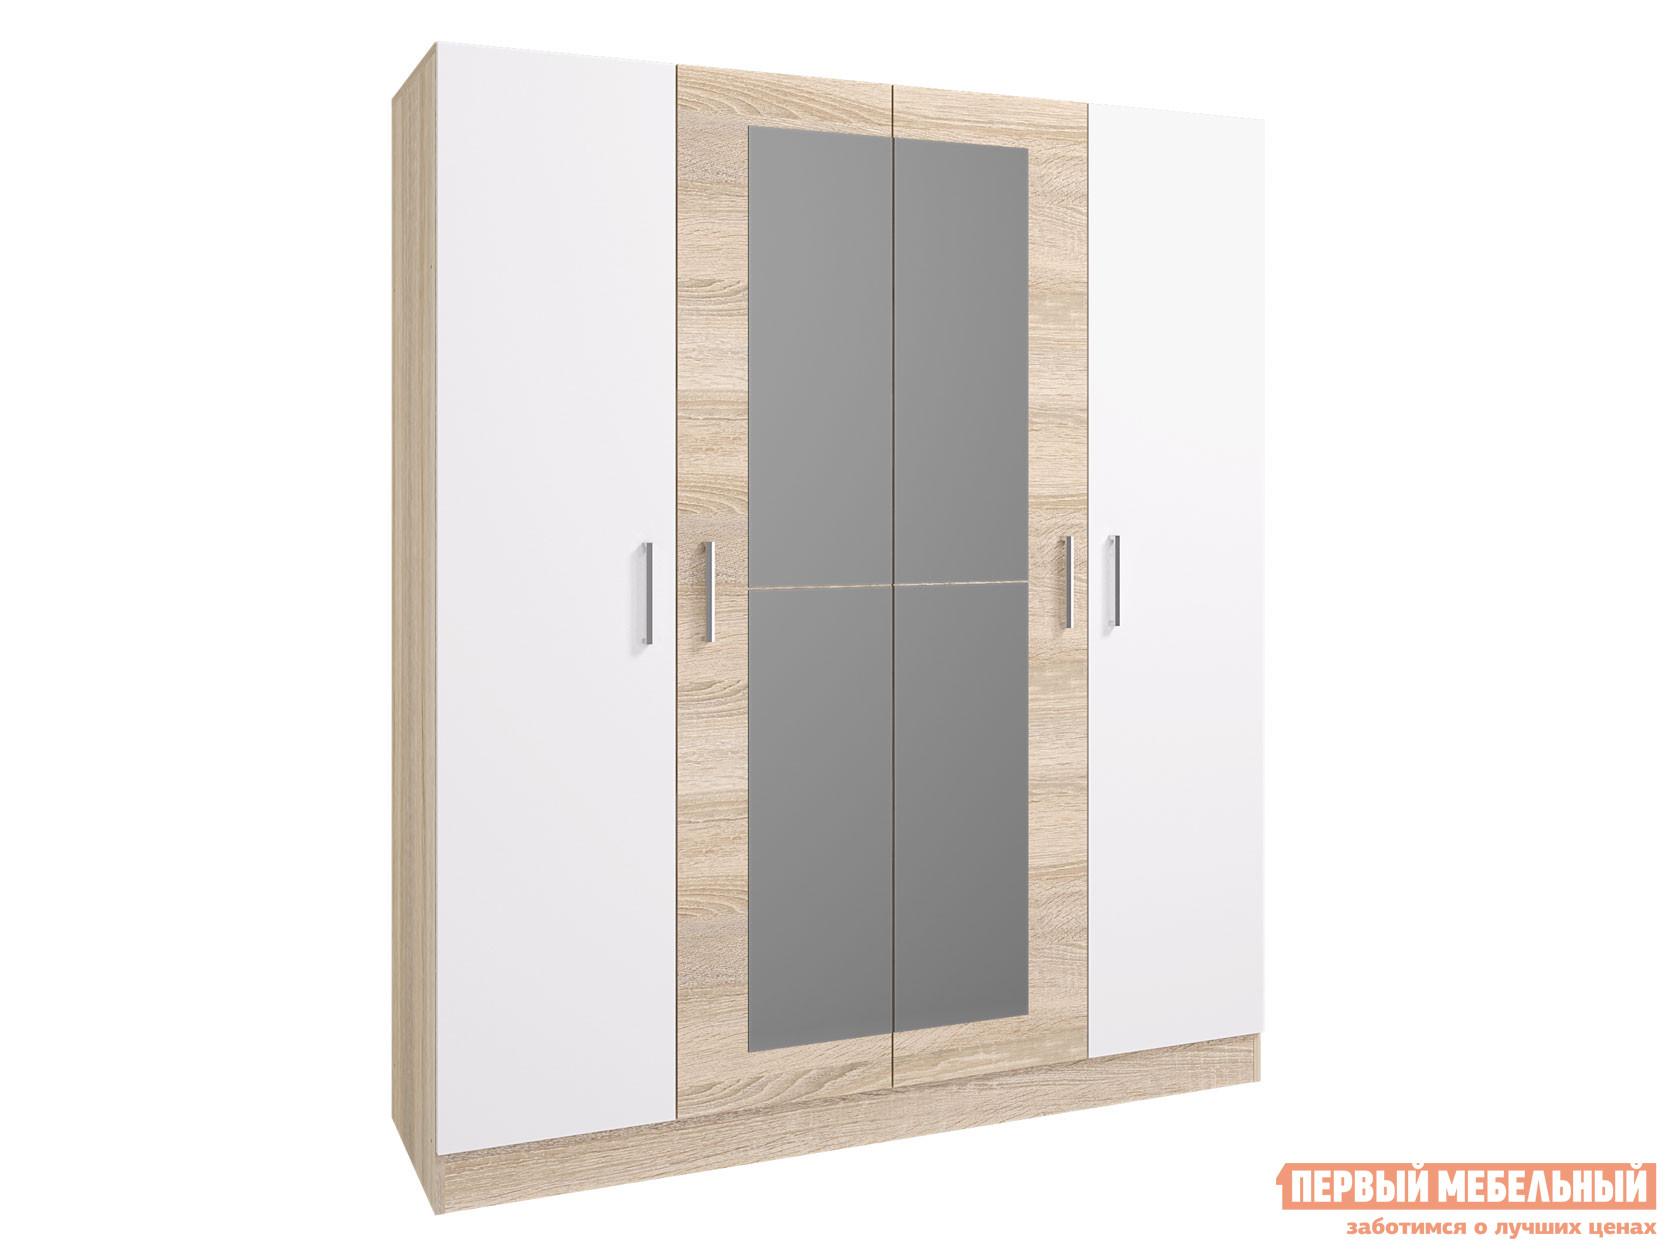 Фото - Распашной шкаф Первый Мебельный Шкаф 4-х дверный Леси распашной шкаф первый мебельный шкаф 3 х дверный глухой венето